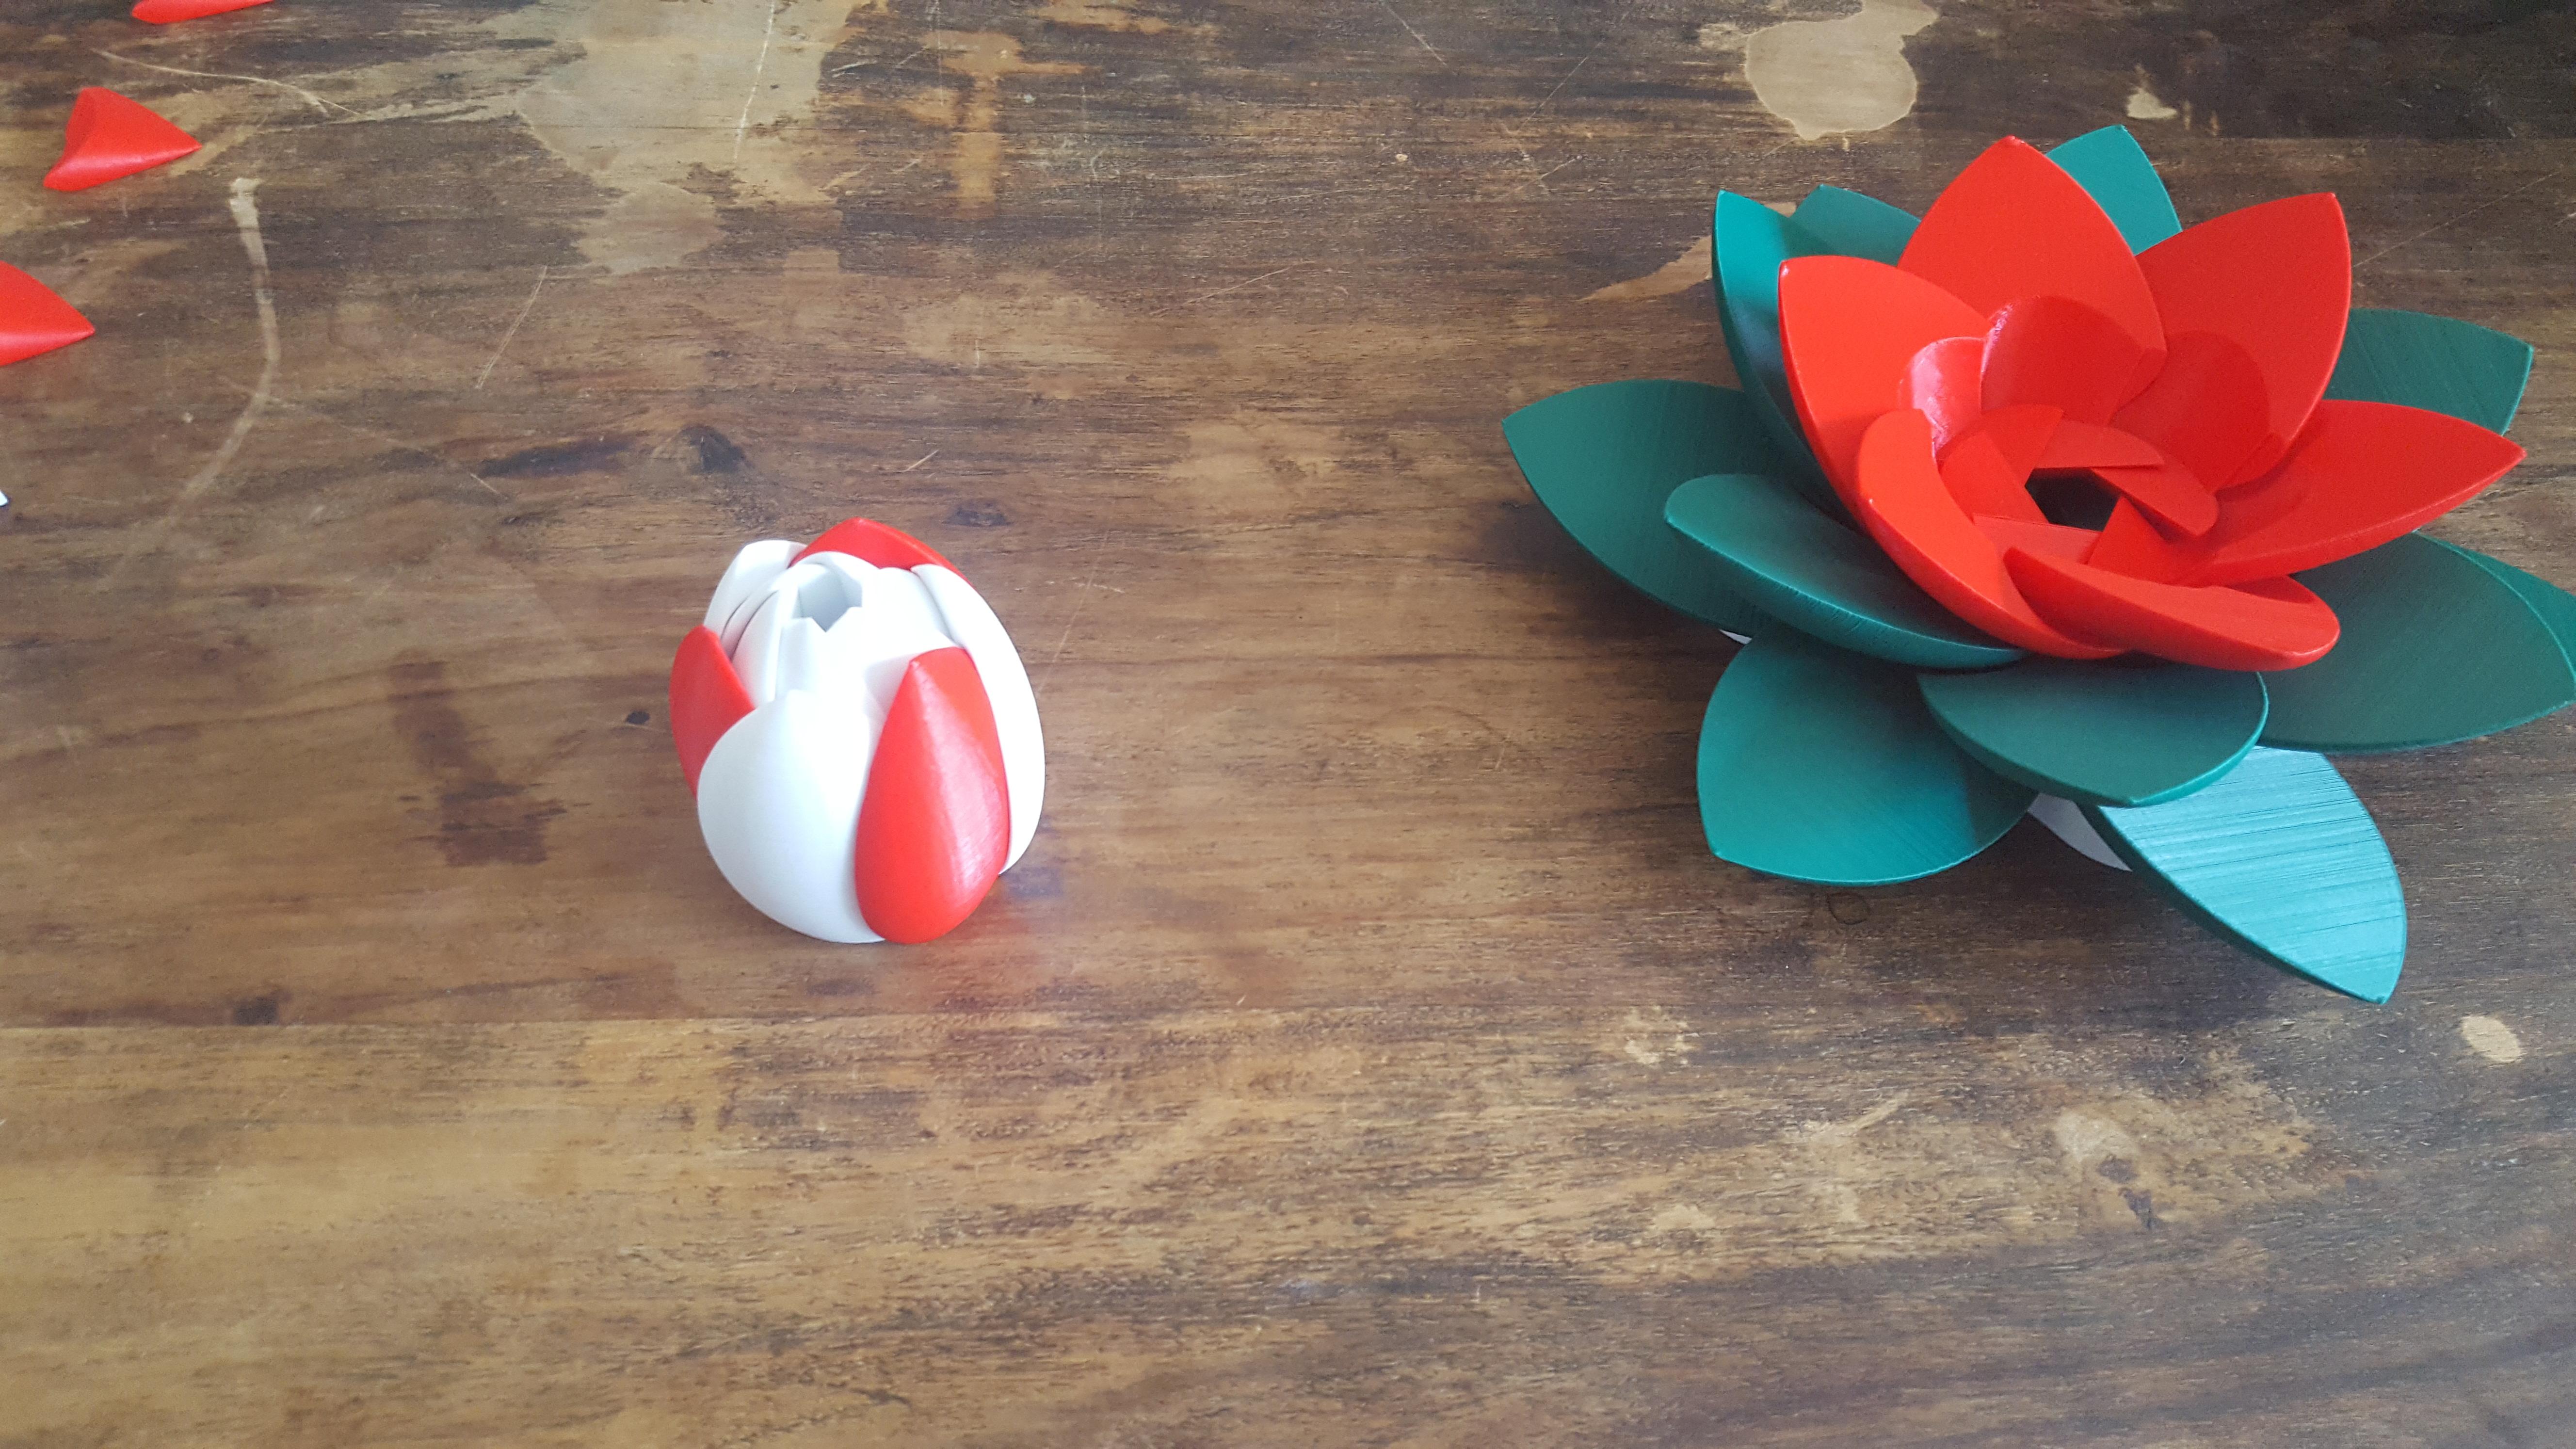 20190706_103148.jpg Download STL file Flower Puzzle • 3D print design, Job